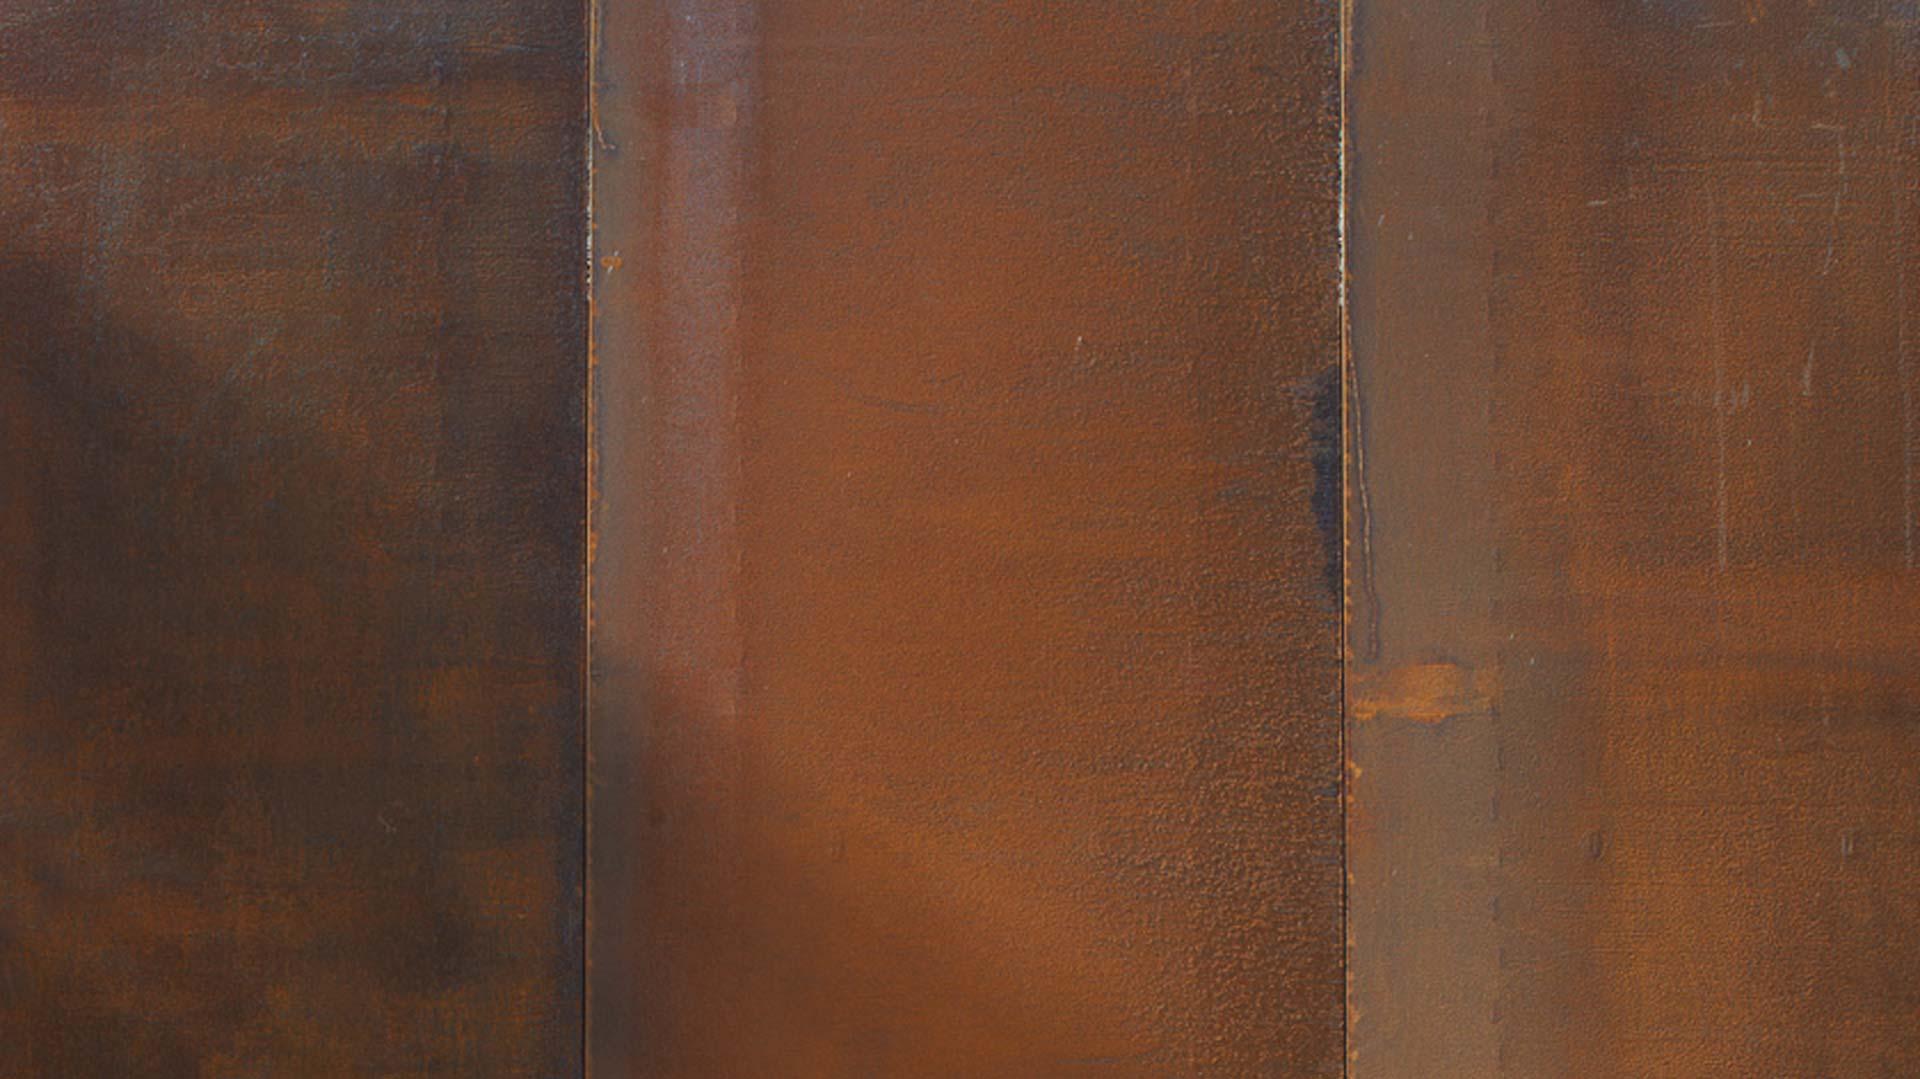 COR-TEN® çelikten yapılmış cephe